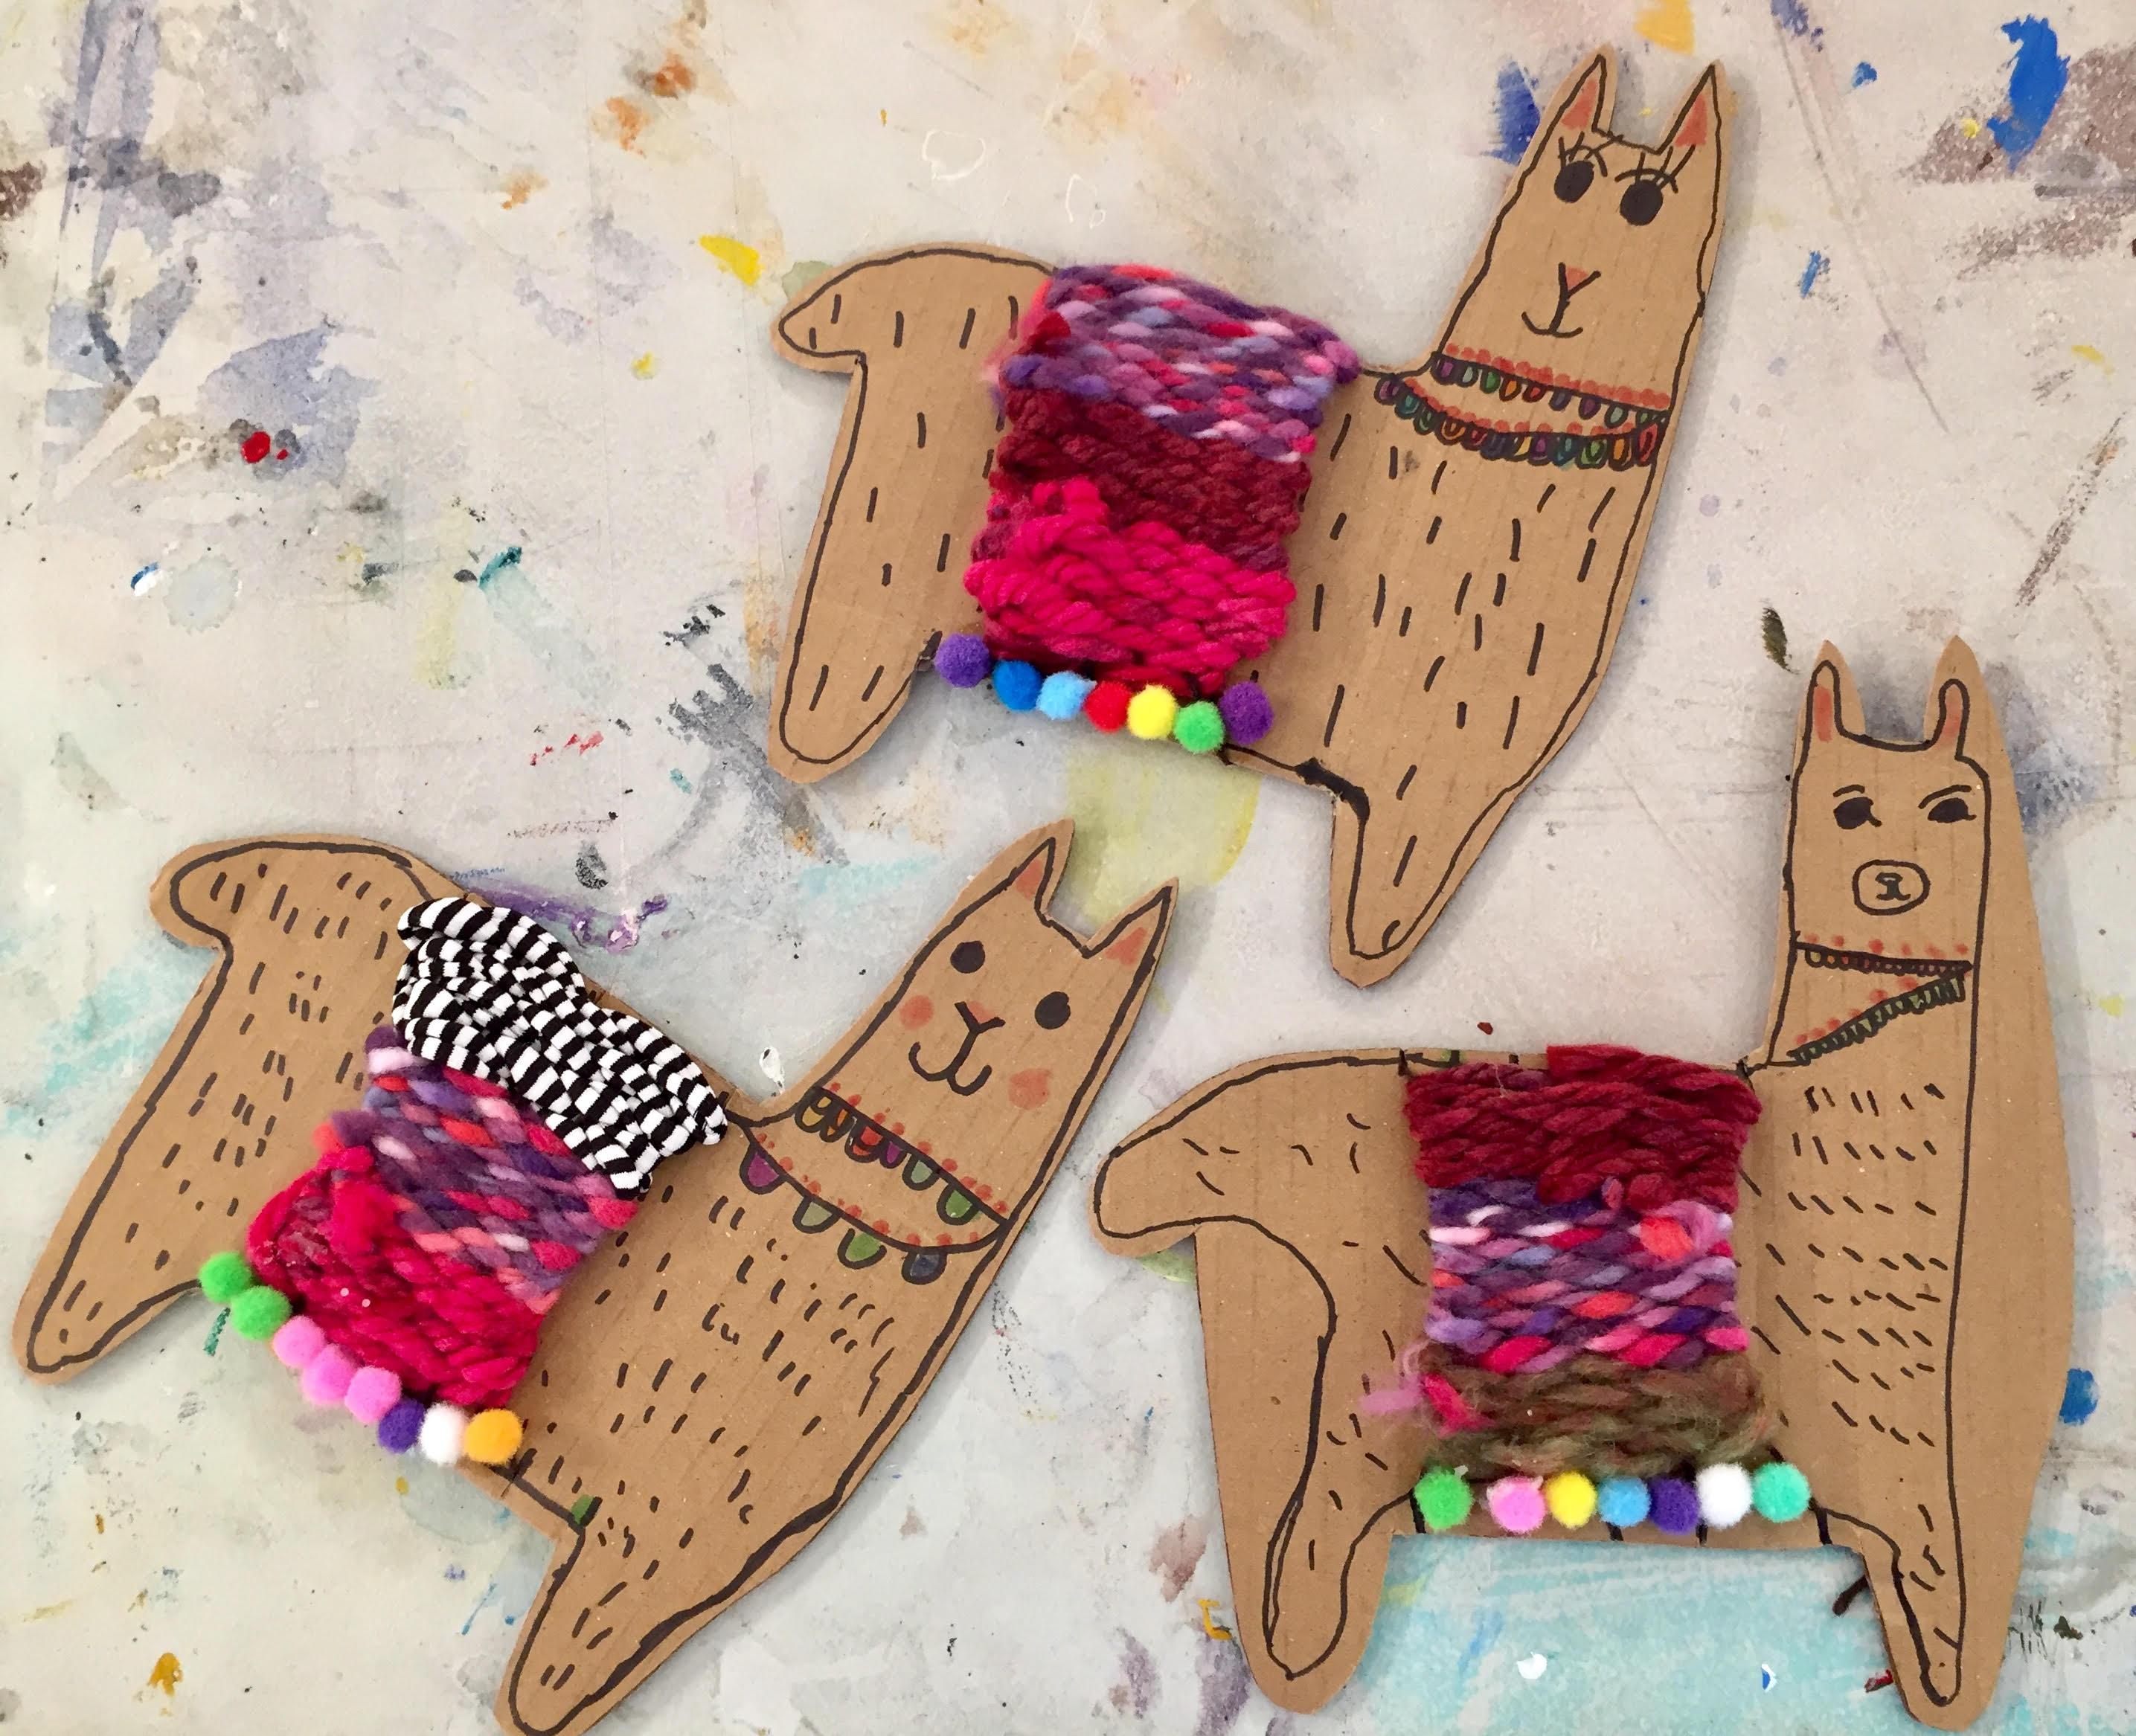 9-12 yrs - Fiesta Llama Weaving Workshop